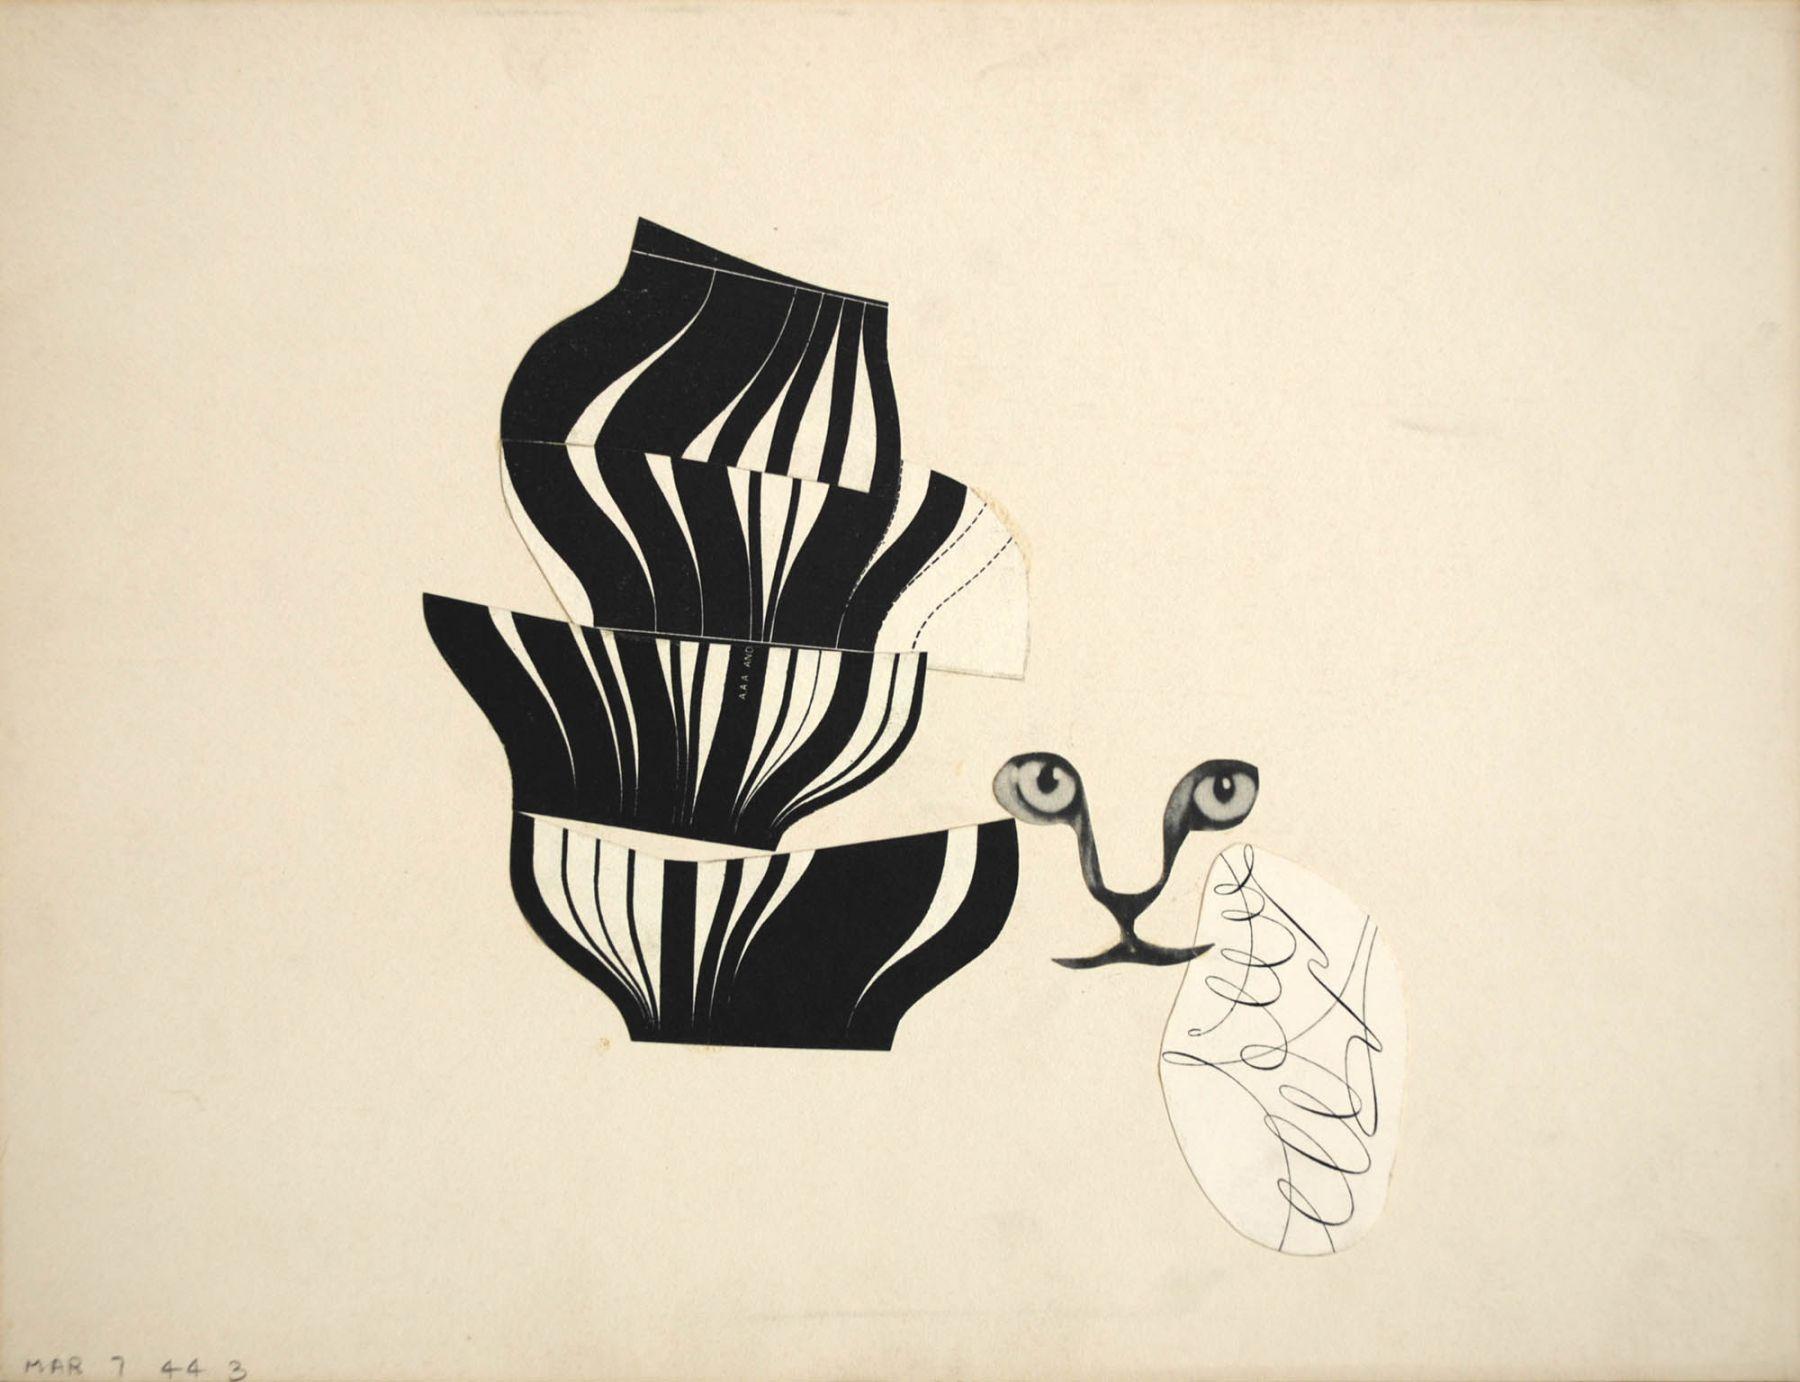 Sidney Gordin (1918-1996), Constructivist Collage #3, March 7, 1944